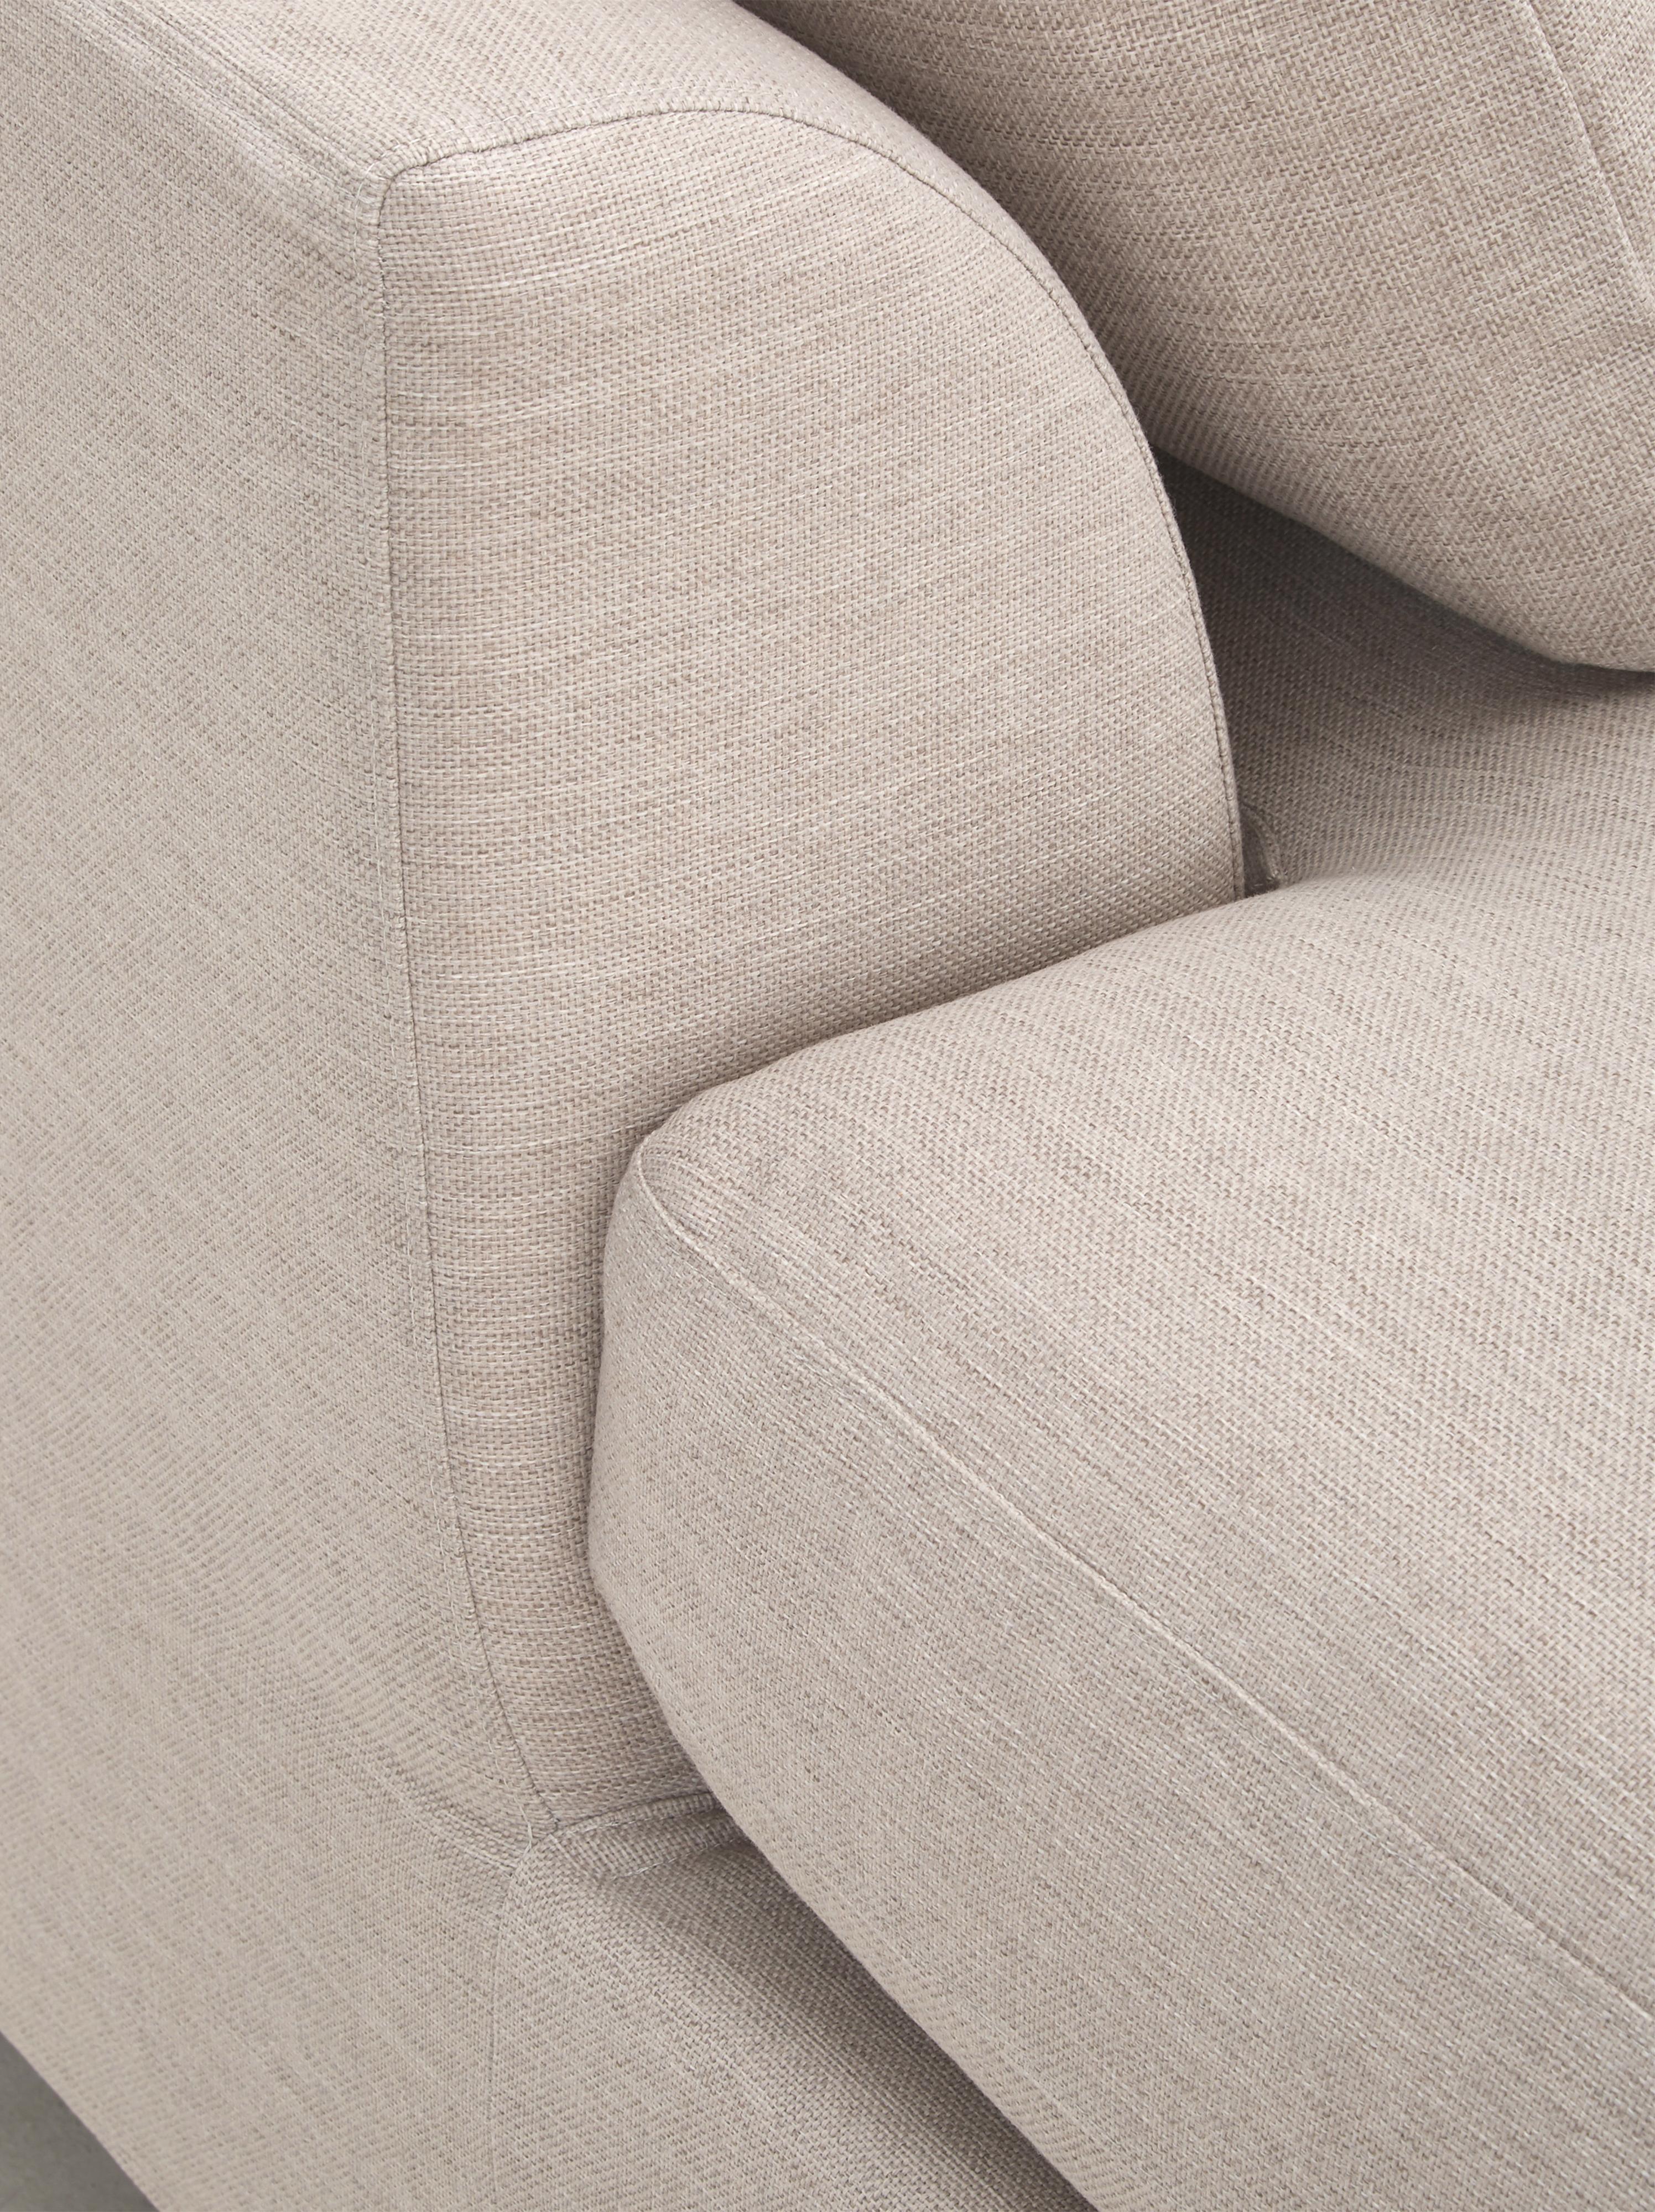 Sofá rinconero Zach, Tapizado: polipropileno, Patas: plástico, Estructura: aglomerado y madera maciz, Beige, An 300 x F 213 cm